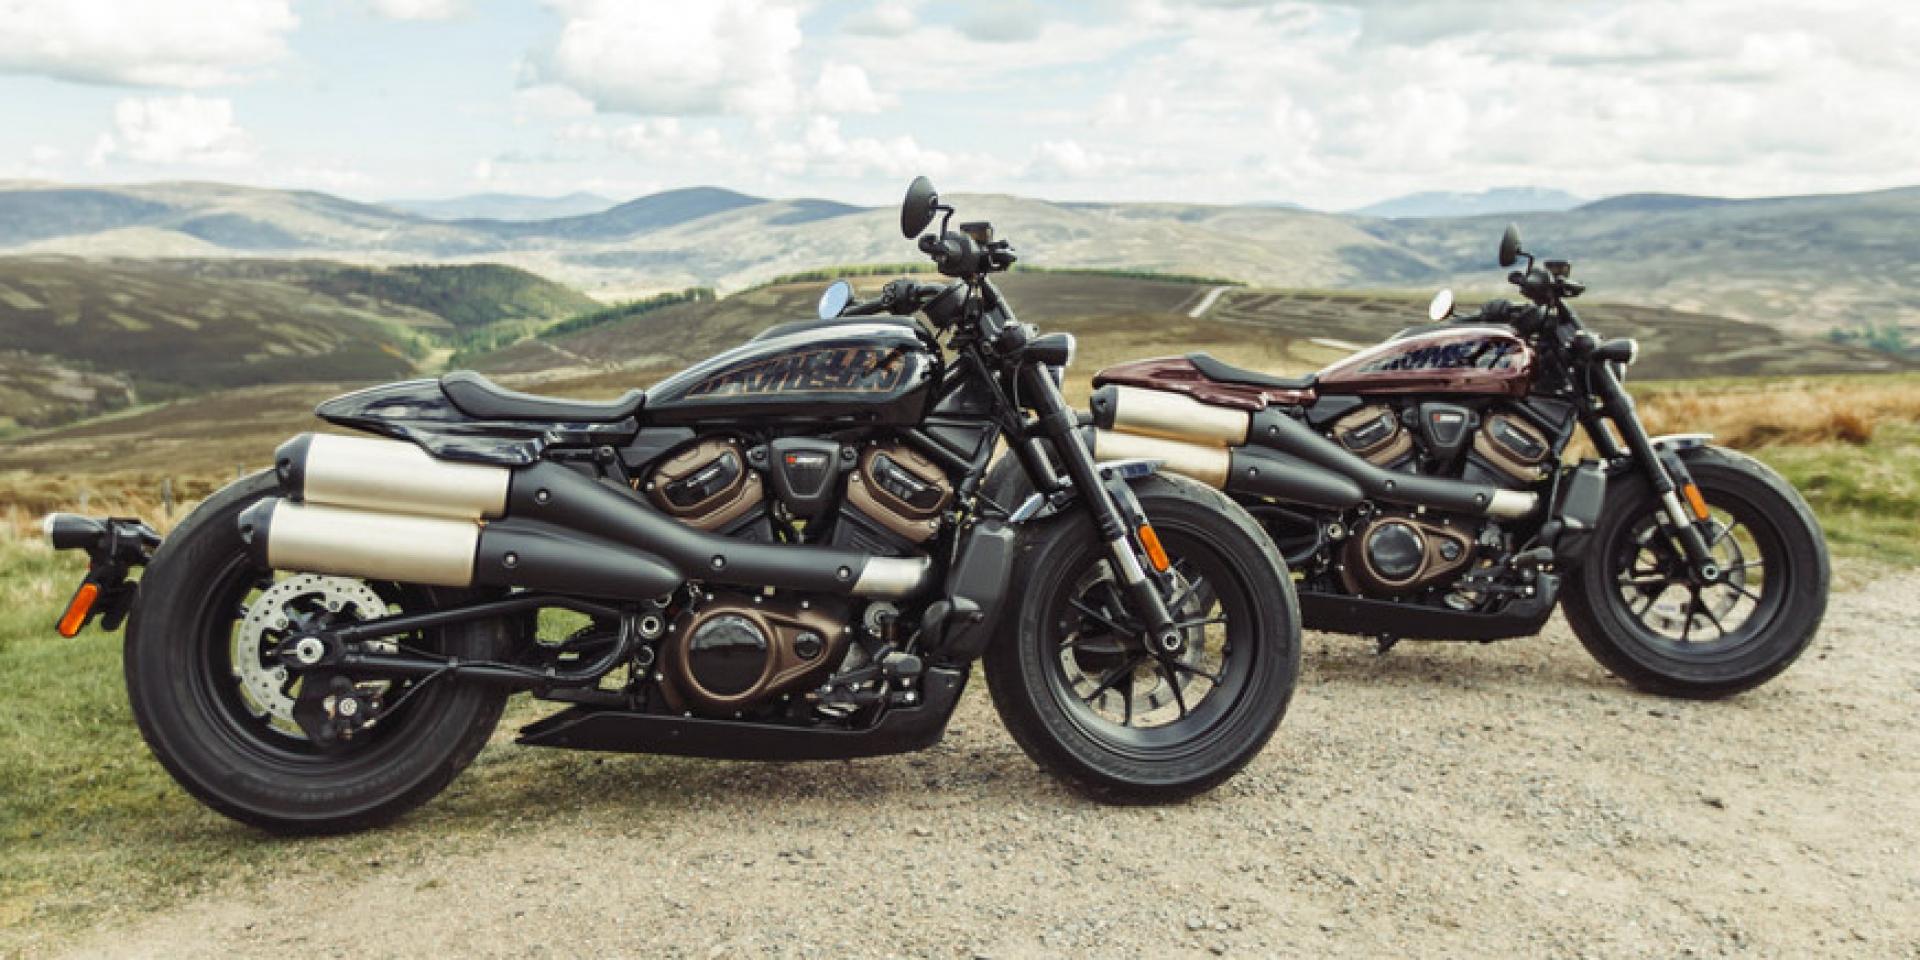 帥氣依舊,科技點滿的新世代哈雷!Harley-Davidson Sportster S